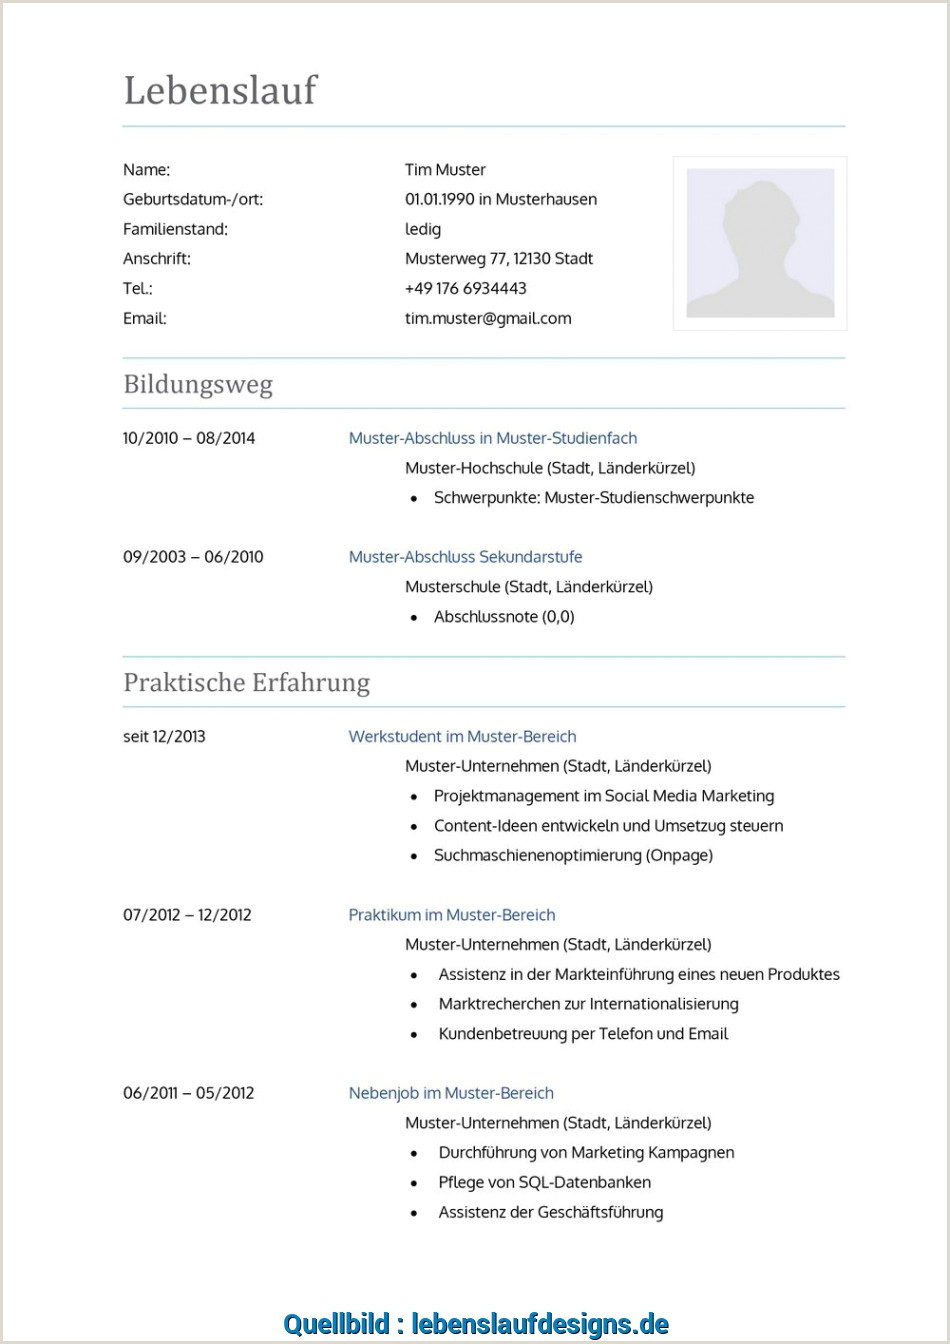 Lebenslauf Muster Gesundheits Und Krankenpfleger Komplett Lebenslauf Muster Für Krankenpfleger Lebenslauf